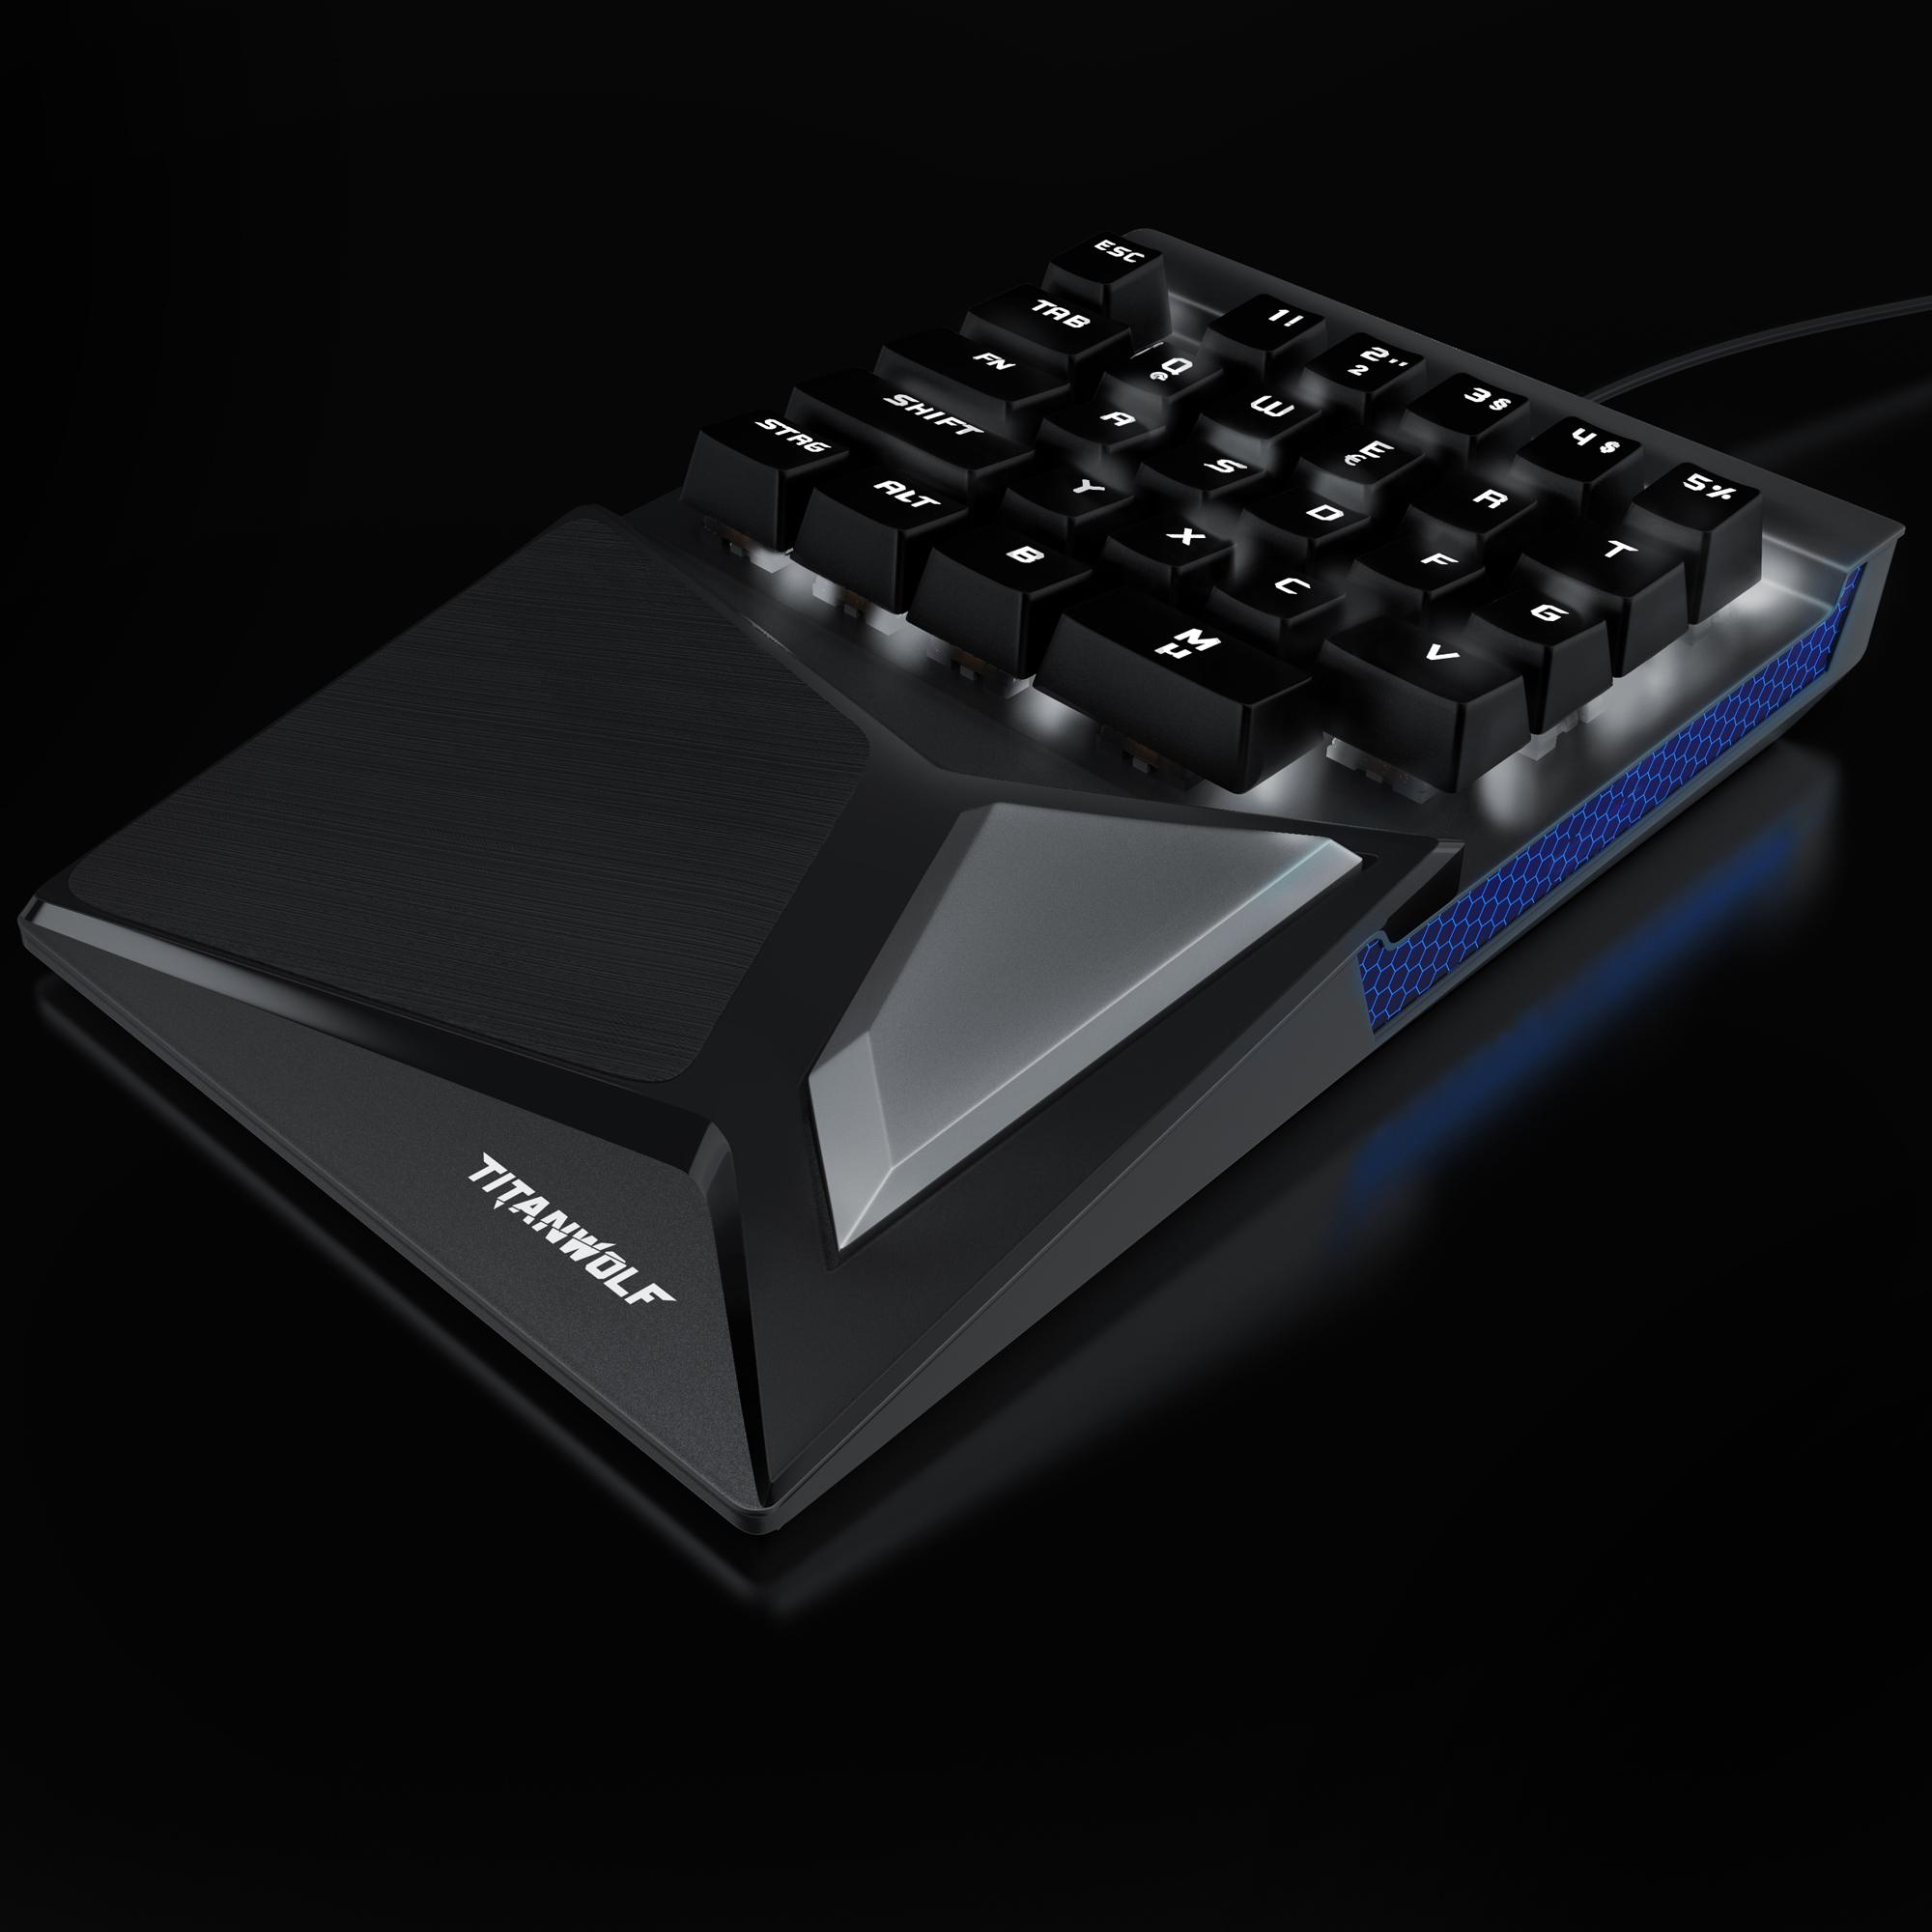 303357-keypad-mechanisch-galerie-Black.jpg